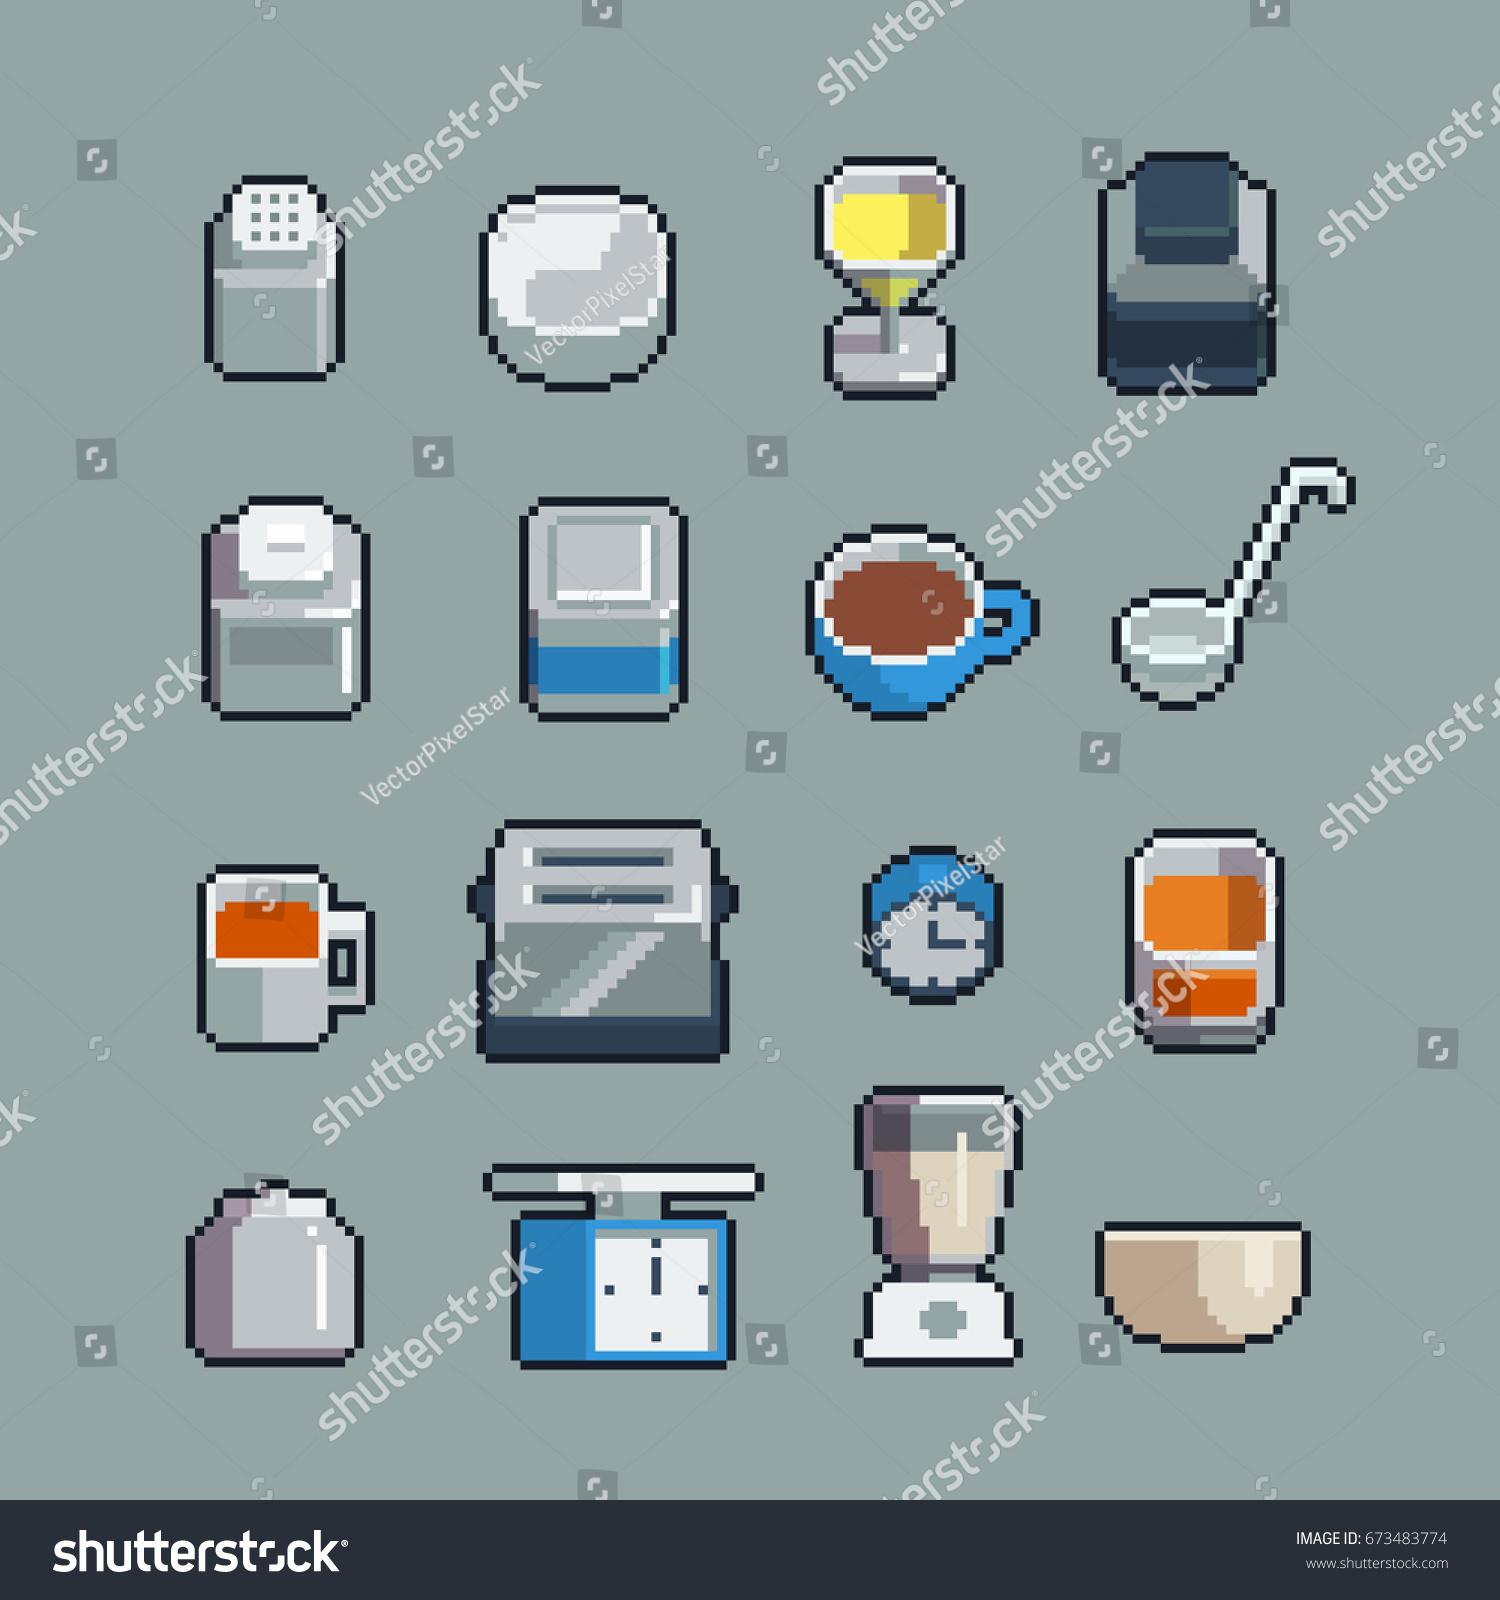 Pixel Art Kitchen Utensils Tools Vector Stock Vector HD (Royalty ...